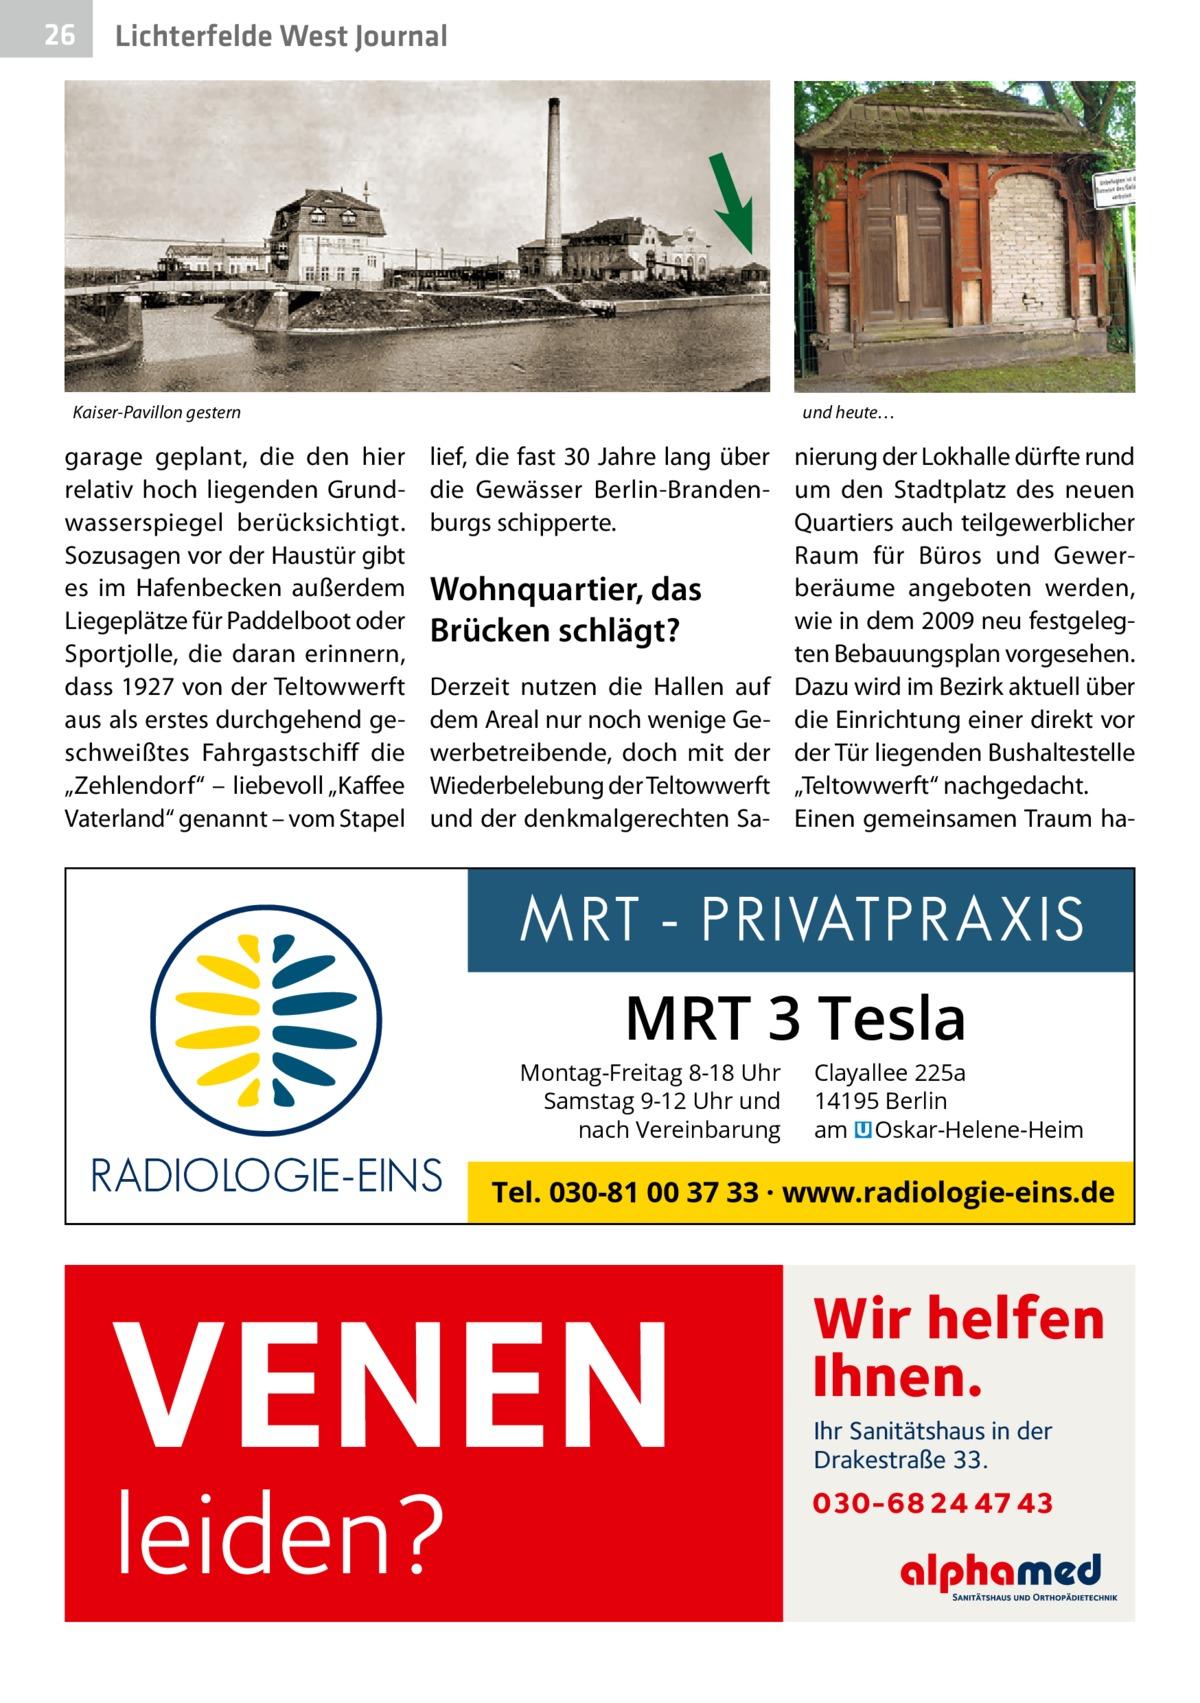 """26  Lichterfelde West Journal  Kaiser-Pavillon gestern  garage geplant, die den hier relativ hoch liegenden Grundwasserspiegel berücksichtigt. Sozusagen vor der Haustür gibt es im Hafenbecken außerdem Liegeplätze für Paddelboot oder Sportjolle, die daran erinnern, dass 1927 von der Teltowwerft aus als erstes durchgehend geschweißtes Fahrgastschiff die """"Zehlendorf"""" – liebevoll """"Kaffee Vaterland"""" genannt – vom Stapel  und heute…  lief, die fast 30Jahre lang über nierung der Lokhalle dürfte rund die Gewässer Berlin-Branden- um den Stadtplatz des neuen burgs schipperte. Quartiers auch teilgewerblicher Raum für Büros und Gewerberäume angeboten werden, Wohnquartier, das wie in dem 2009 neu festgelegBrücken schlägt? ten Bebauungsplan vorgesehen. Derzeit nutzen die Hallen auf Dazu wird im Bezirk aktuell über dem Areal nur noch wenige Ge- die Einrichtung einer direkt vor werbetreibende, doch mit der der Tür liegenden Bushaltestelle Wiederbelebung der Teltowwerft """"Teltowwerft"""" nachgedacht. und der denkmalgerechten Sa- Einen gemeinsamen Traum ha MRT 3 Tesla  Montag-Freitag 8-18 Uhr Samstag 9-12 Uhr und nach Vereinbarung  Clayallee 225a 14195 Berlin am � Oskar-Helene-Heim  Tel. 030-81 00 37 33 · www.radiologie-eins.de  VENEN leiden?  Wir helfen Ihnen. Ihr Sanitätshaus in der Drakestraße 33.  030-68 24 47 43"""